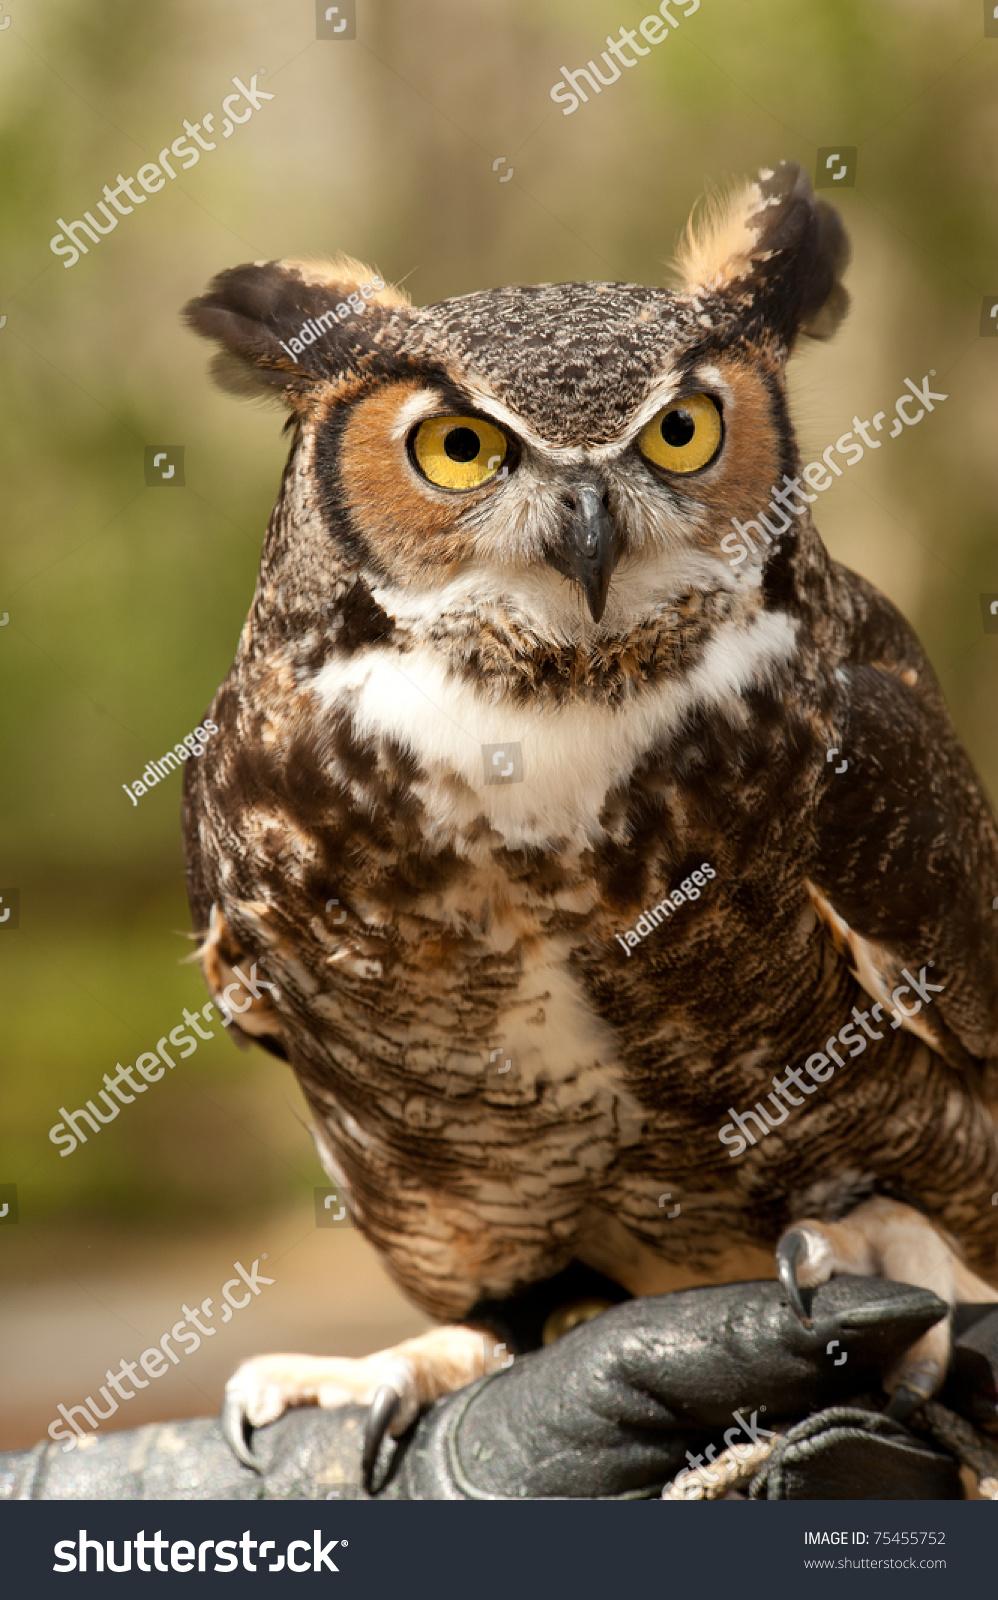 大角鸮与金色的眼睛盯着-动物/野生生物